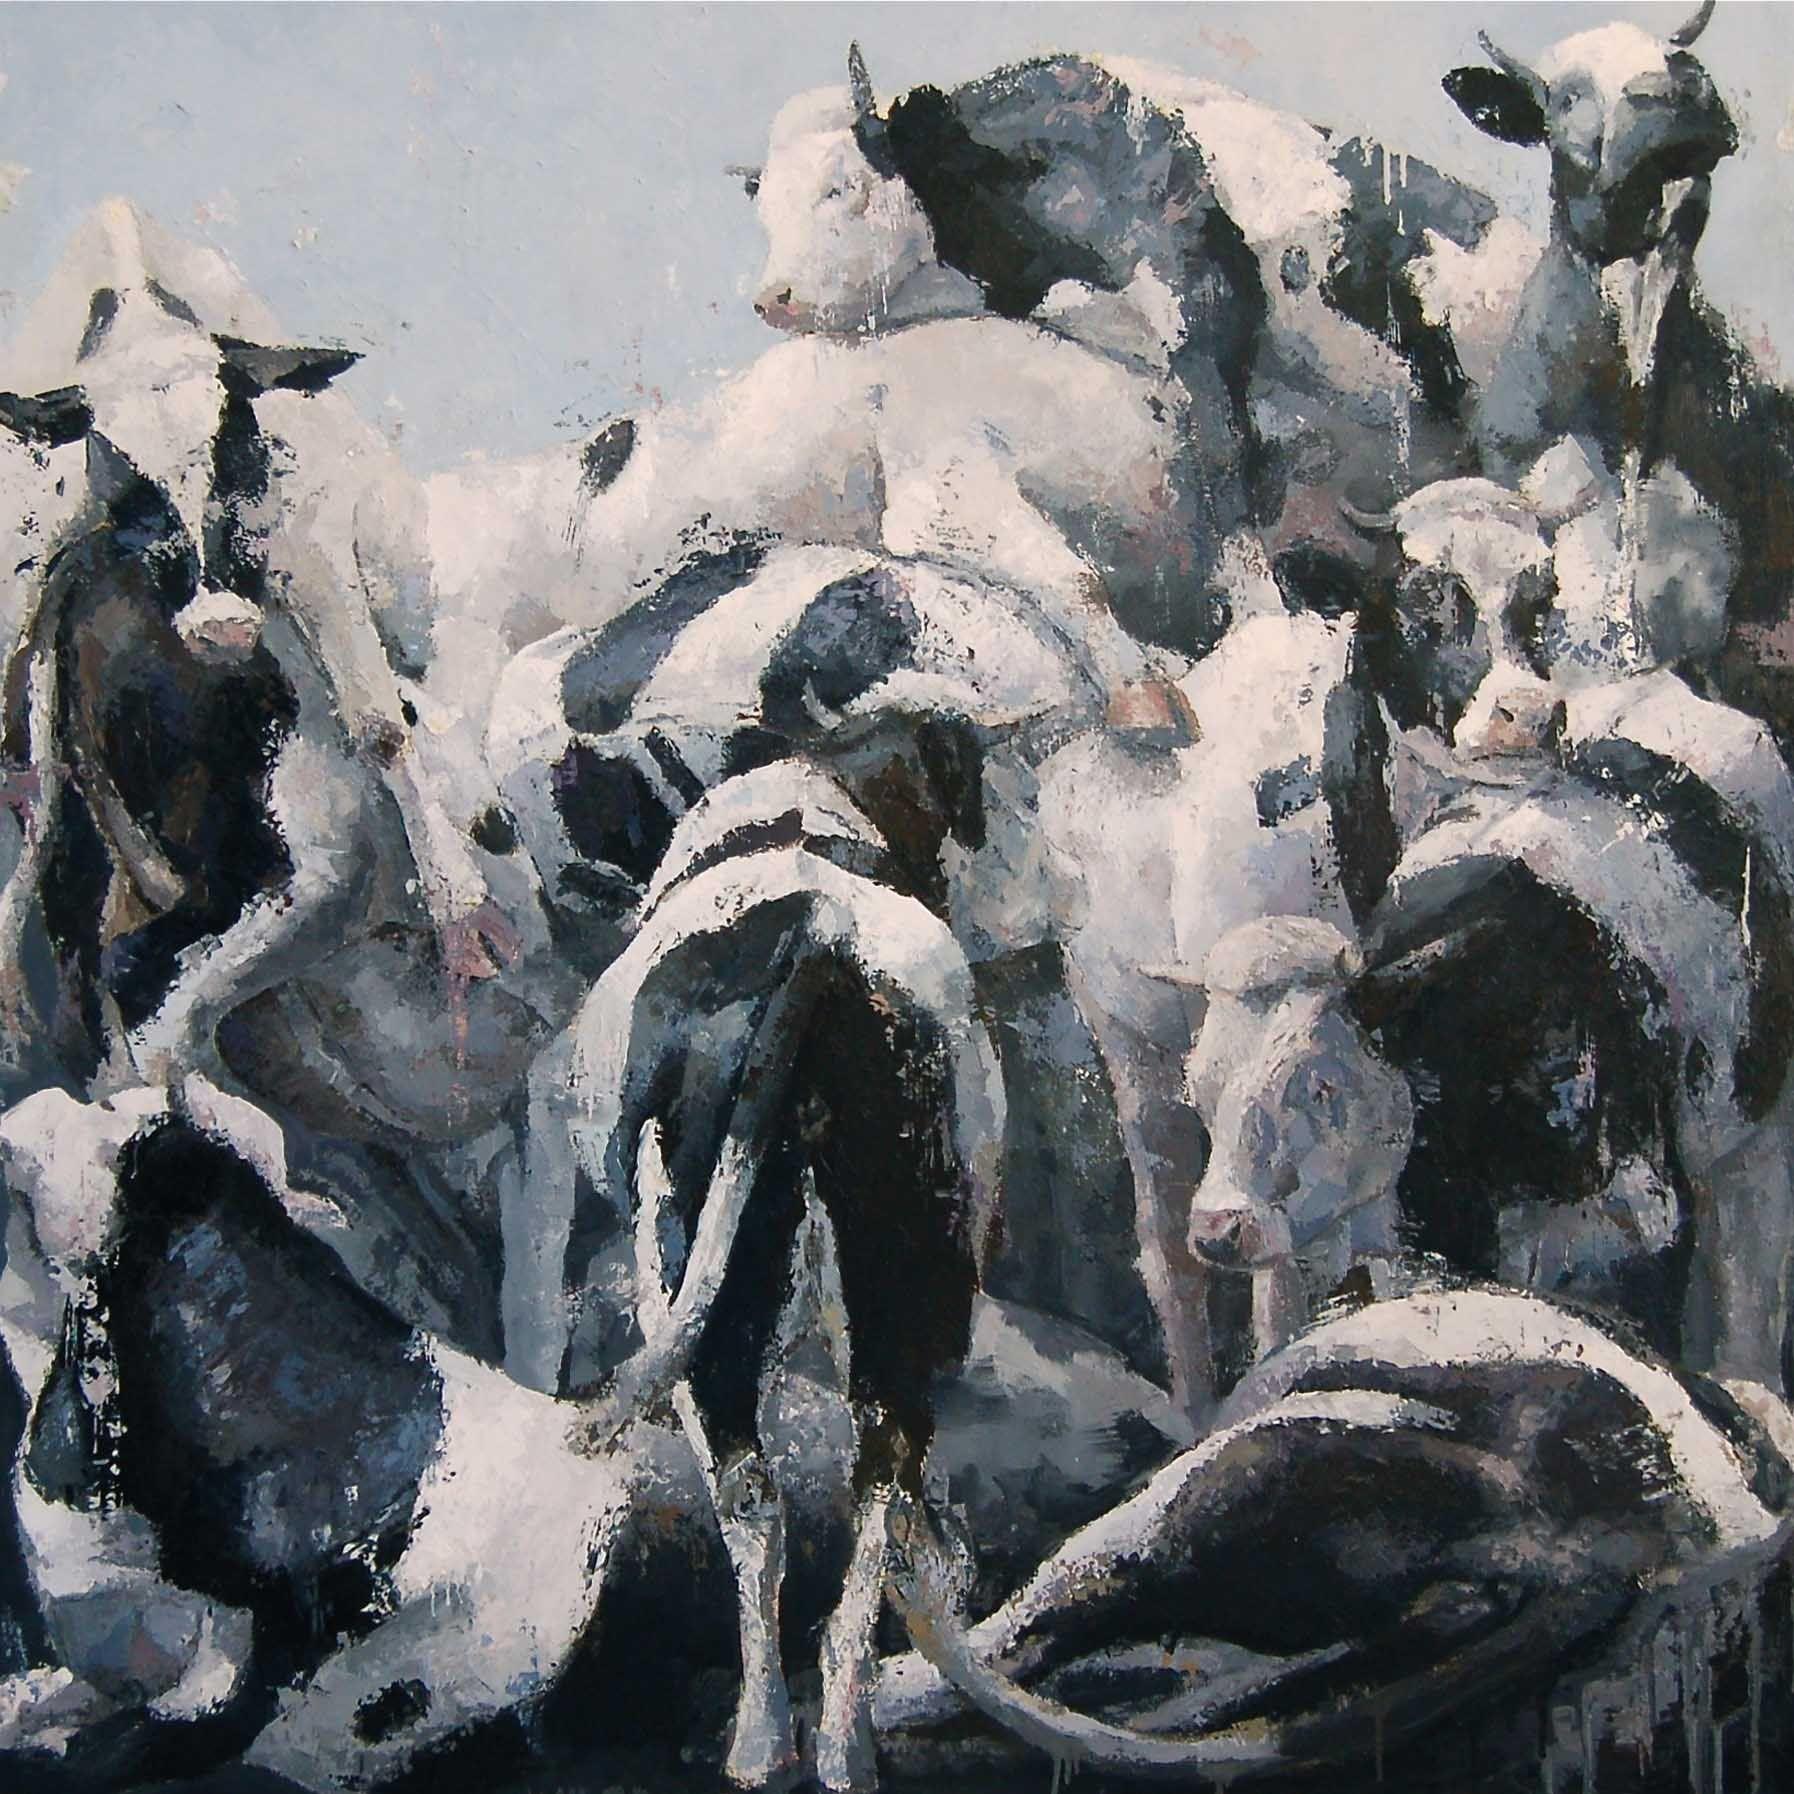 Davide Puma  La messa è finita  olio su tela 160 x 160 cm / oil on canvas